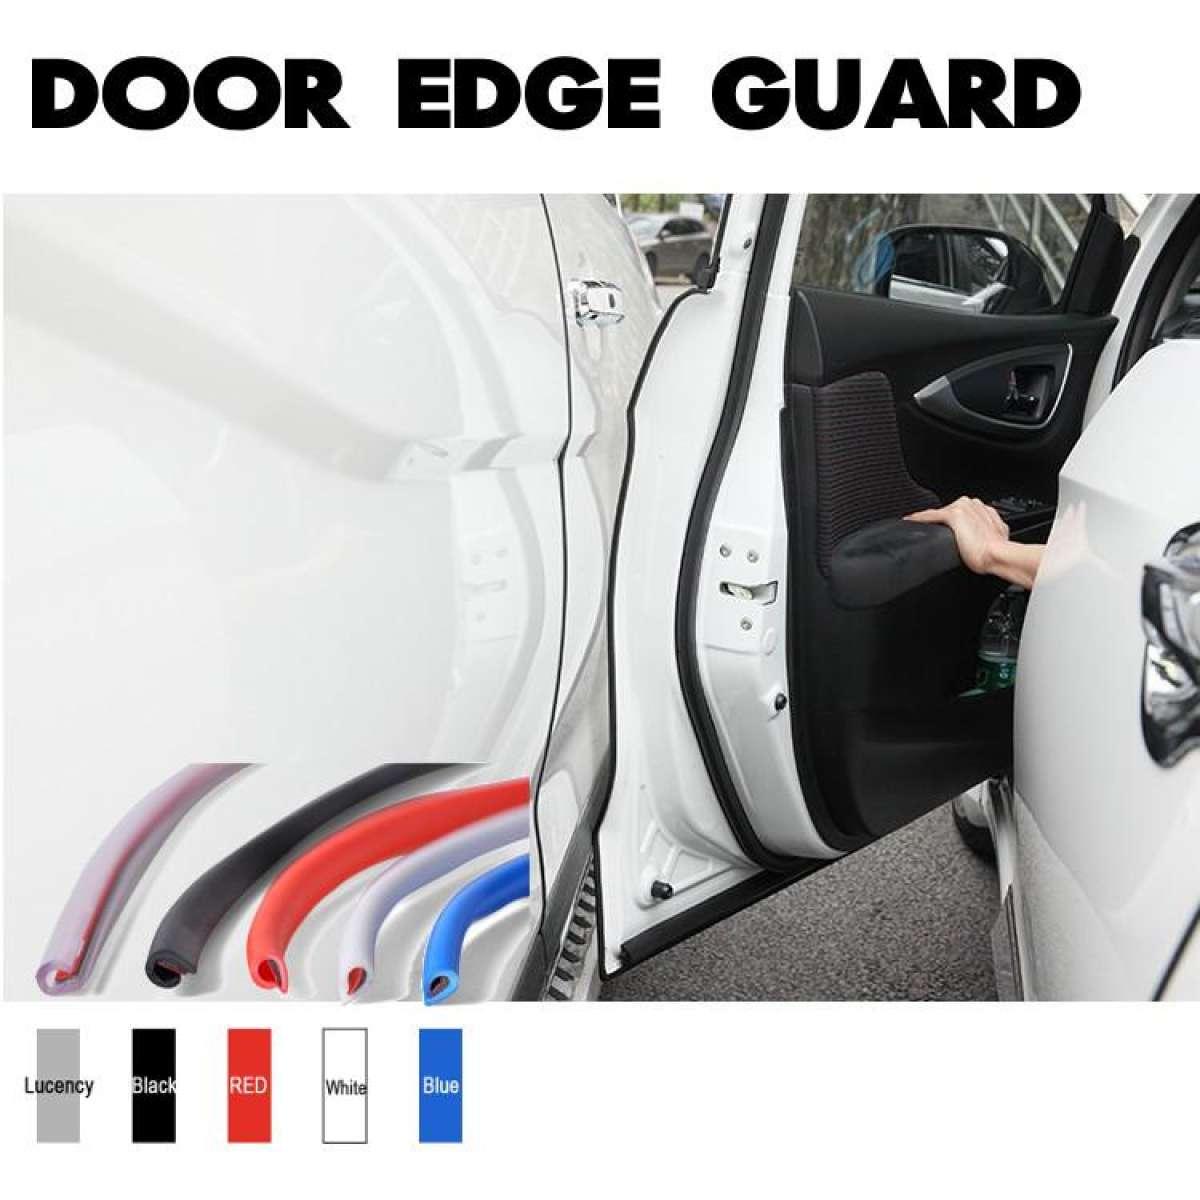 5 Meter Car Door Guard / Door Rubber Seal / Door Edge Protector / Door Sound Proof / Door Rubber Cover